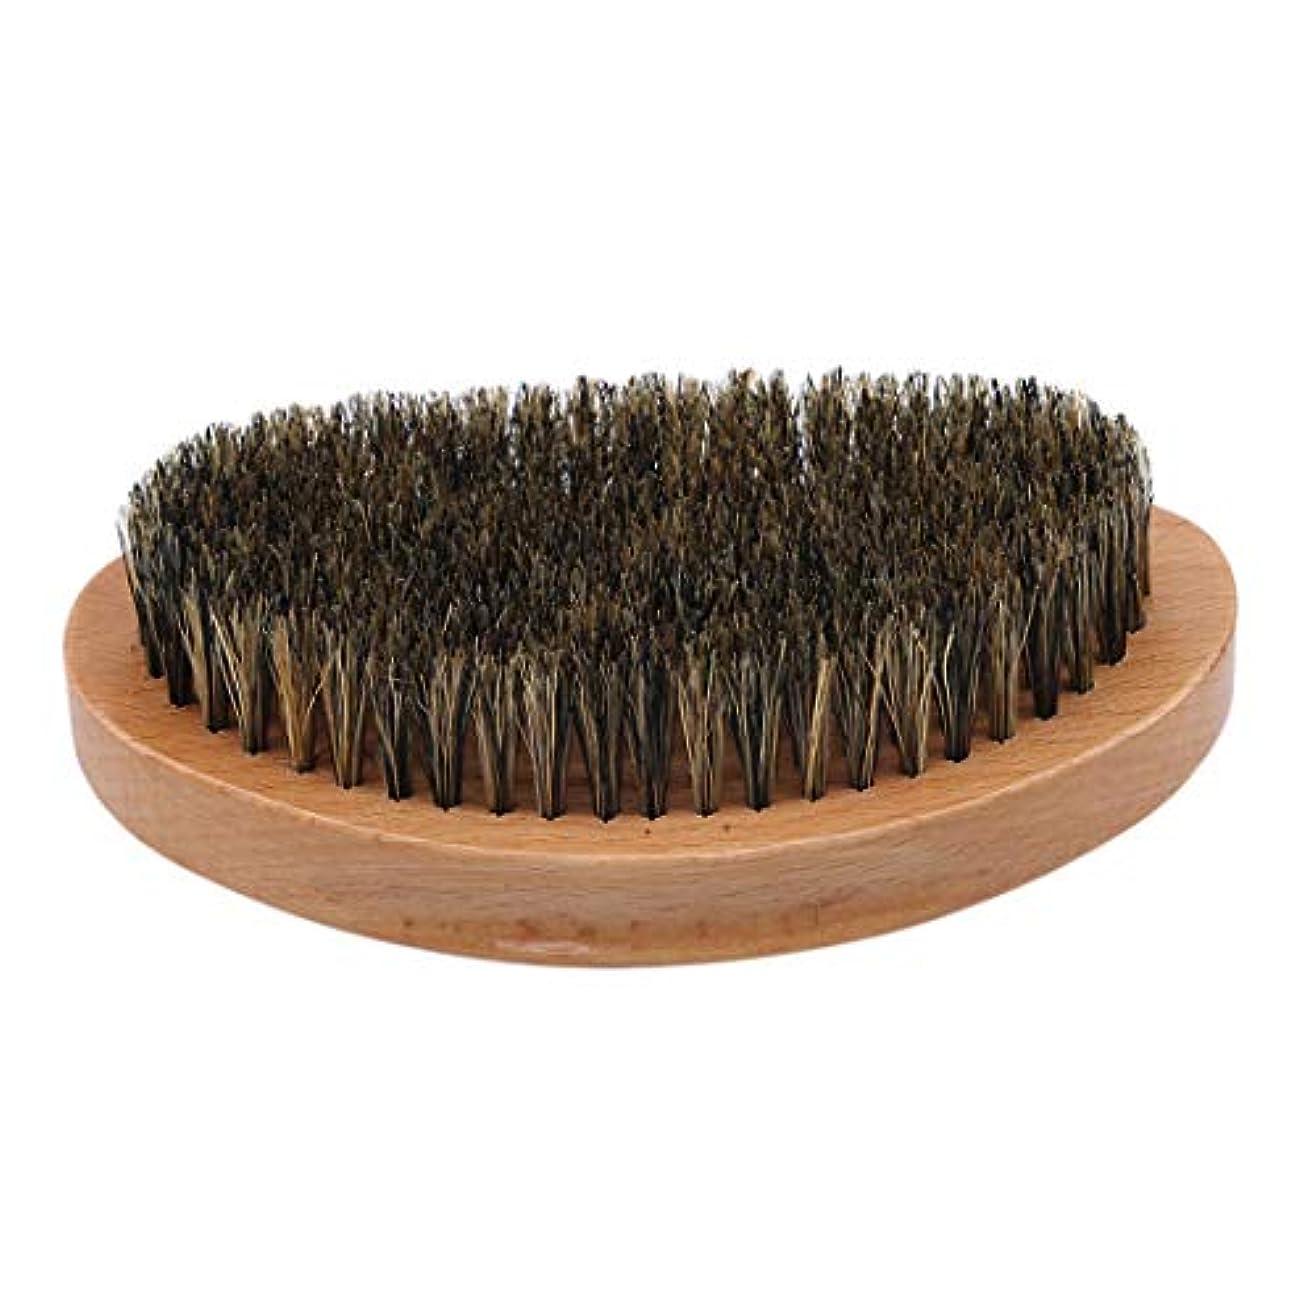 のぞき見るスノーケルKLUMA ひげブラシ シェービングブラシ 髭剃り 毛髭ブラシ 泡立ち 理容 美容ツール 旅行用 1#